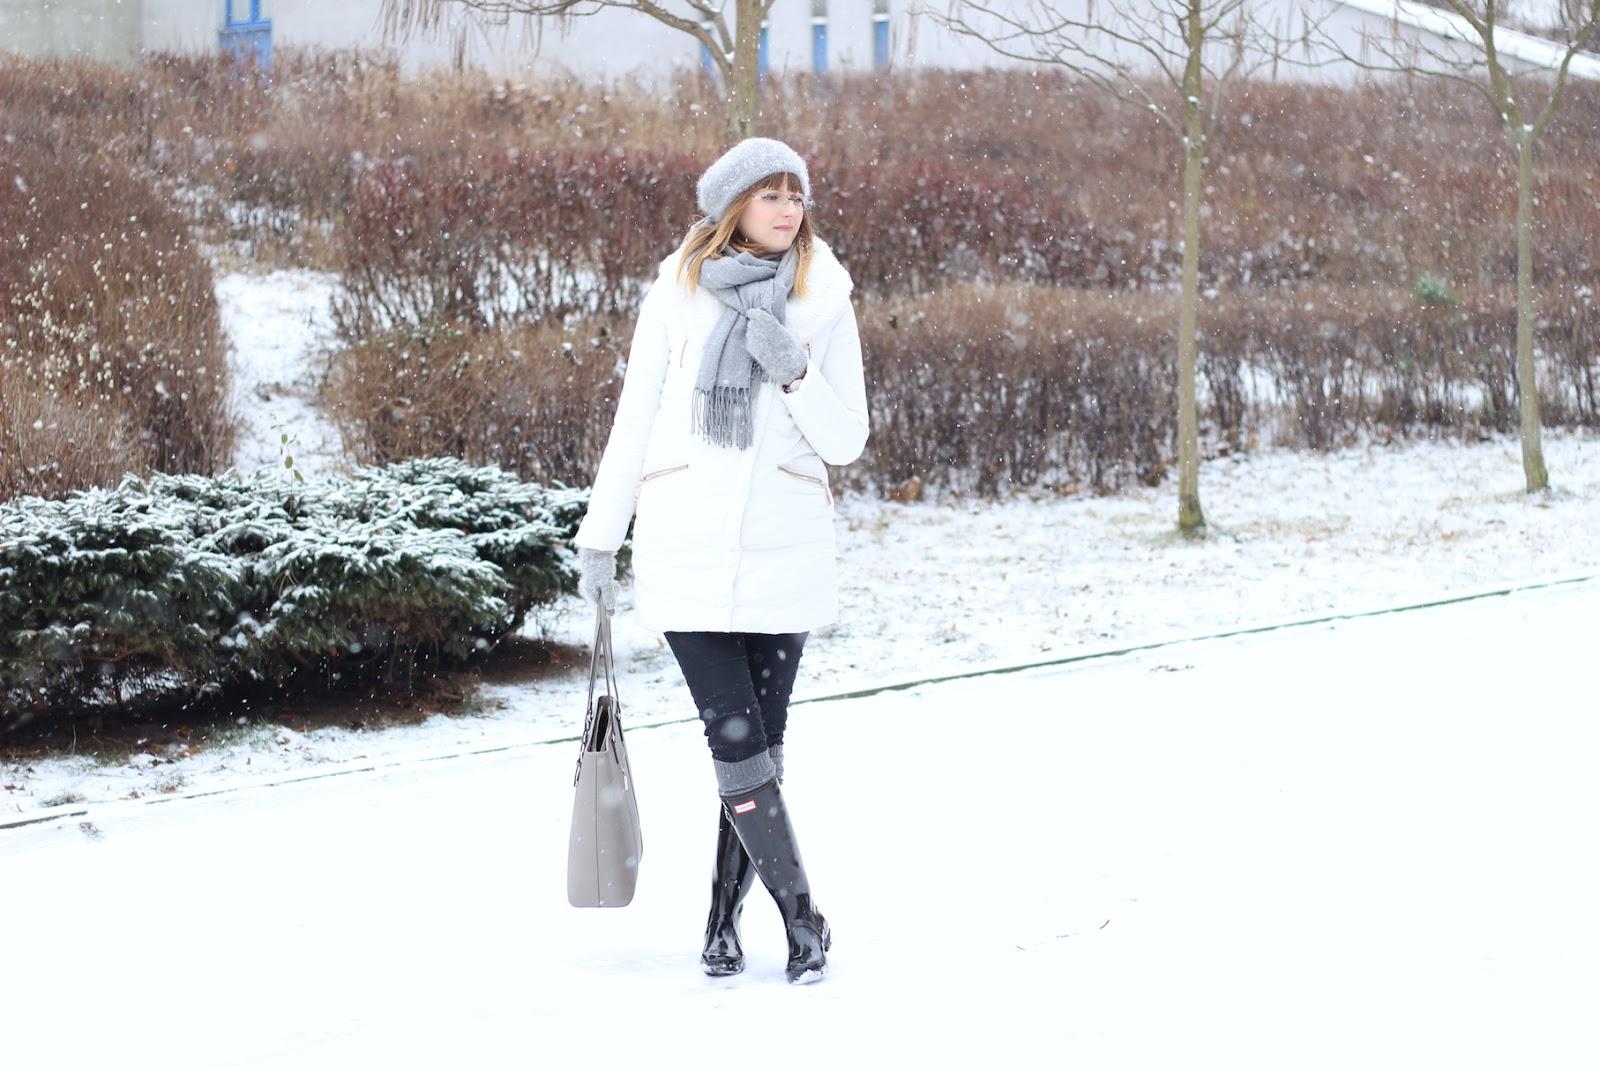 Biało w mieście - zimowy spacer